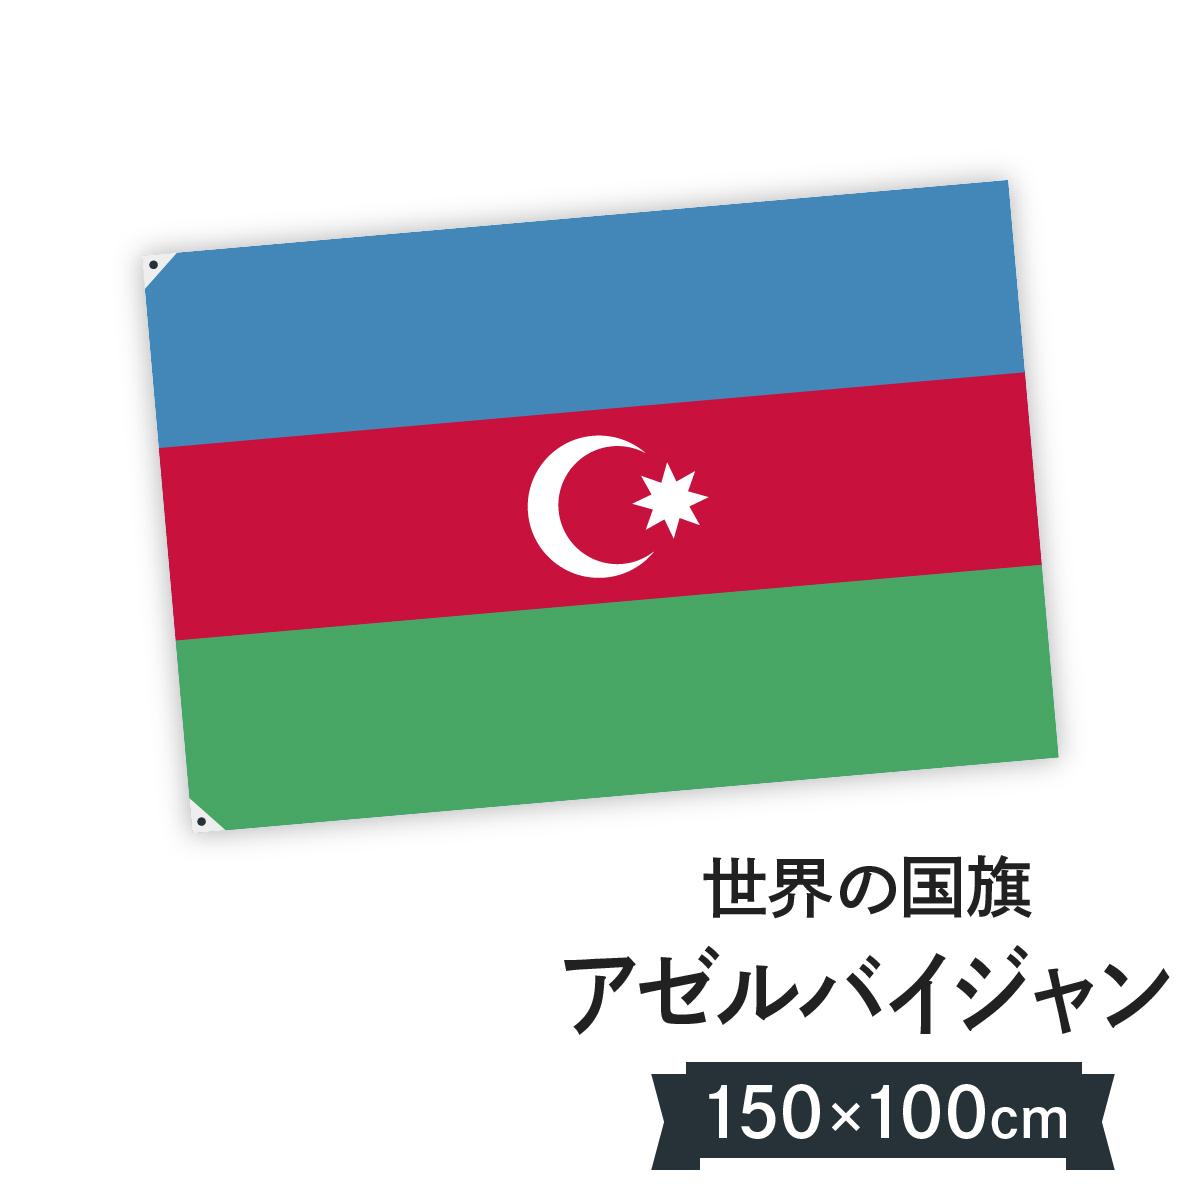 アゼルバイジャン共和国 国旗 W150cm H100cm